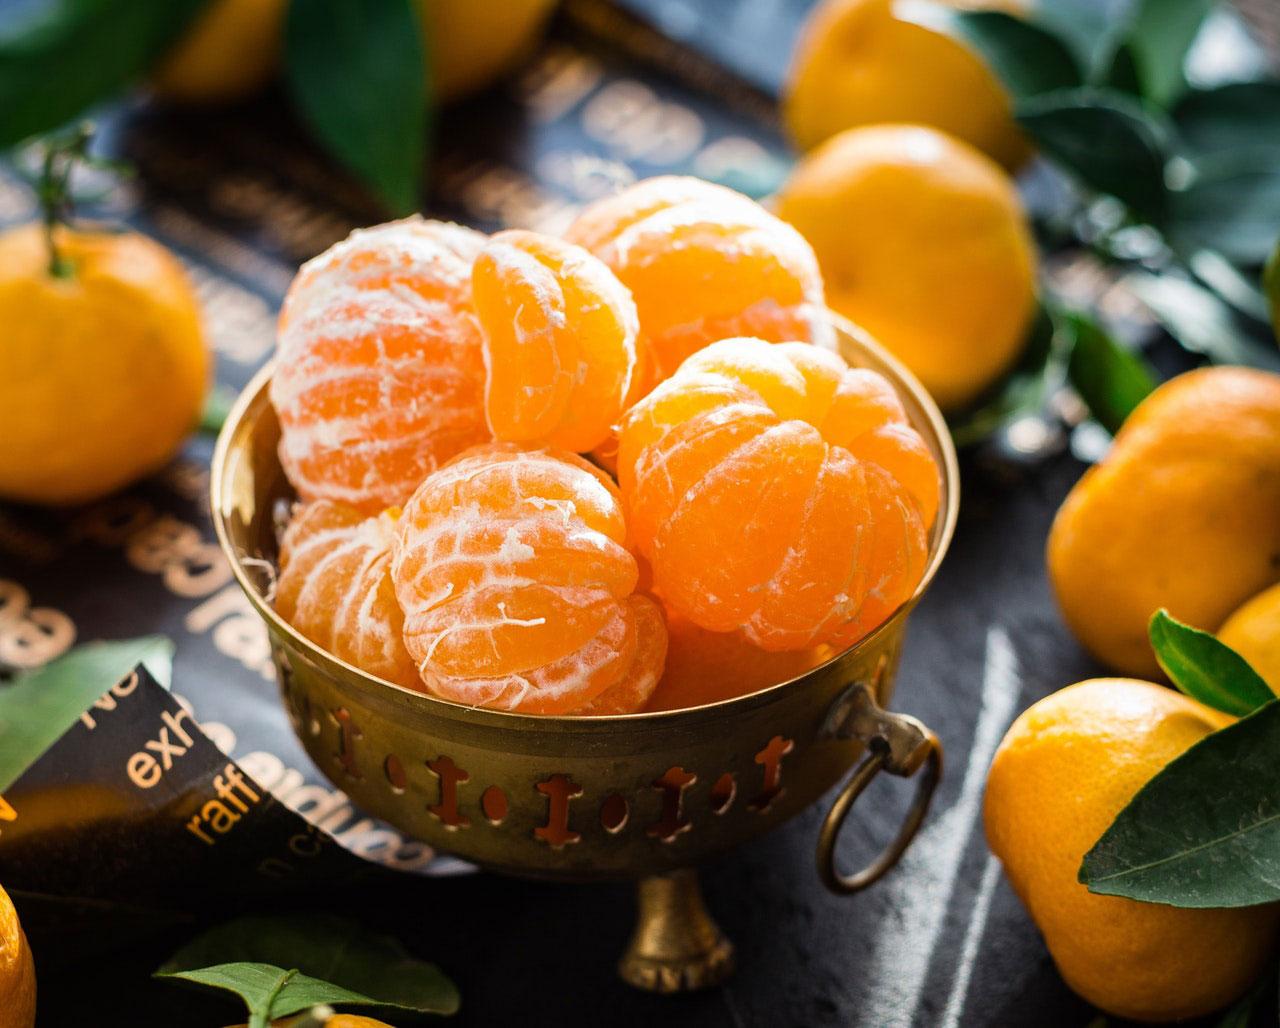 Como obter mais frutas cítricas em sua dieta